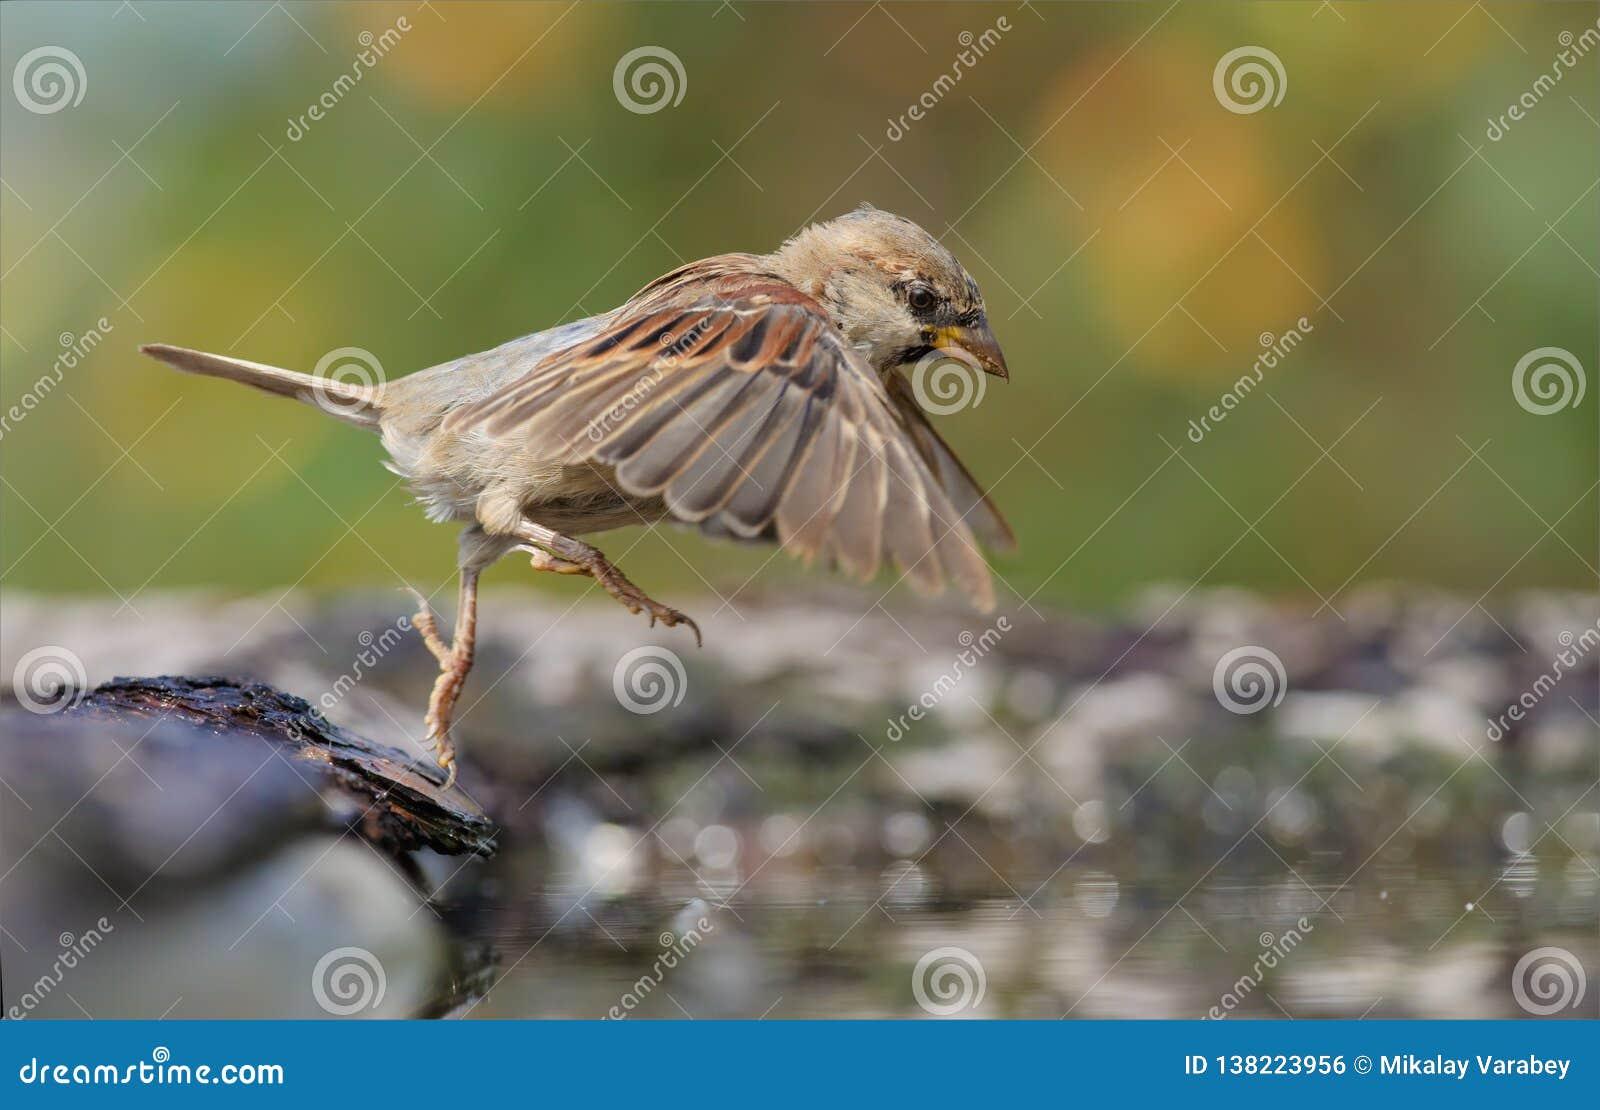 Domowego wróbla doskakiwanie w wodnego staw z nadużytymi skrzydłami i nogami